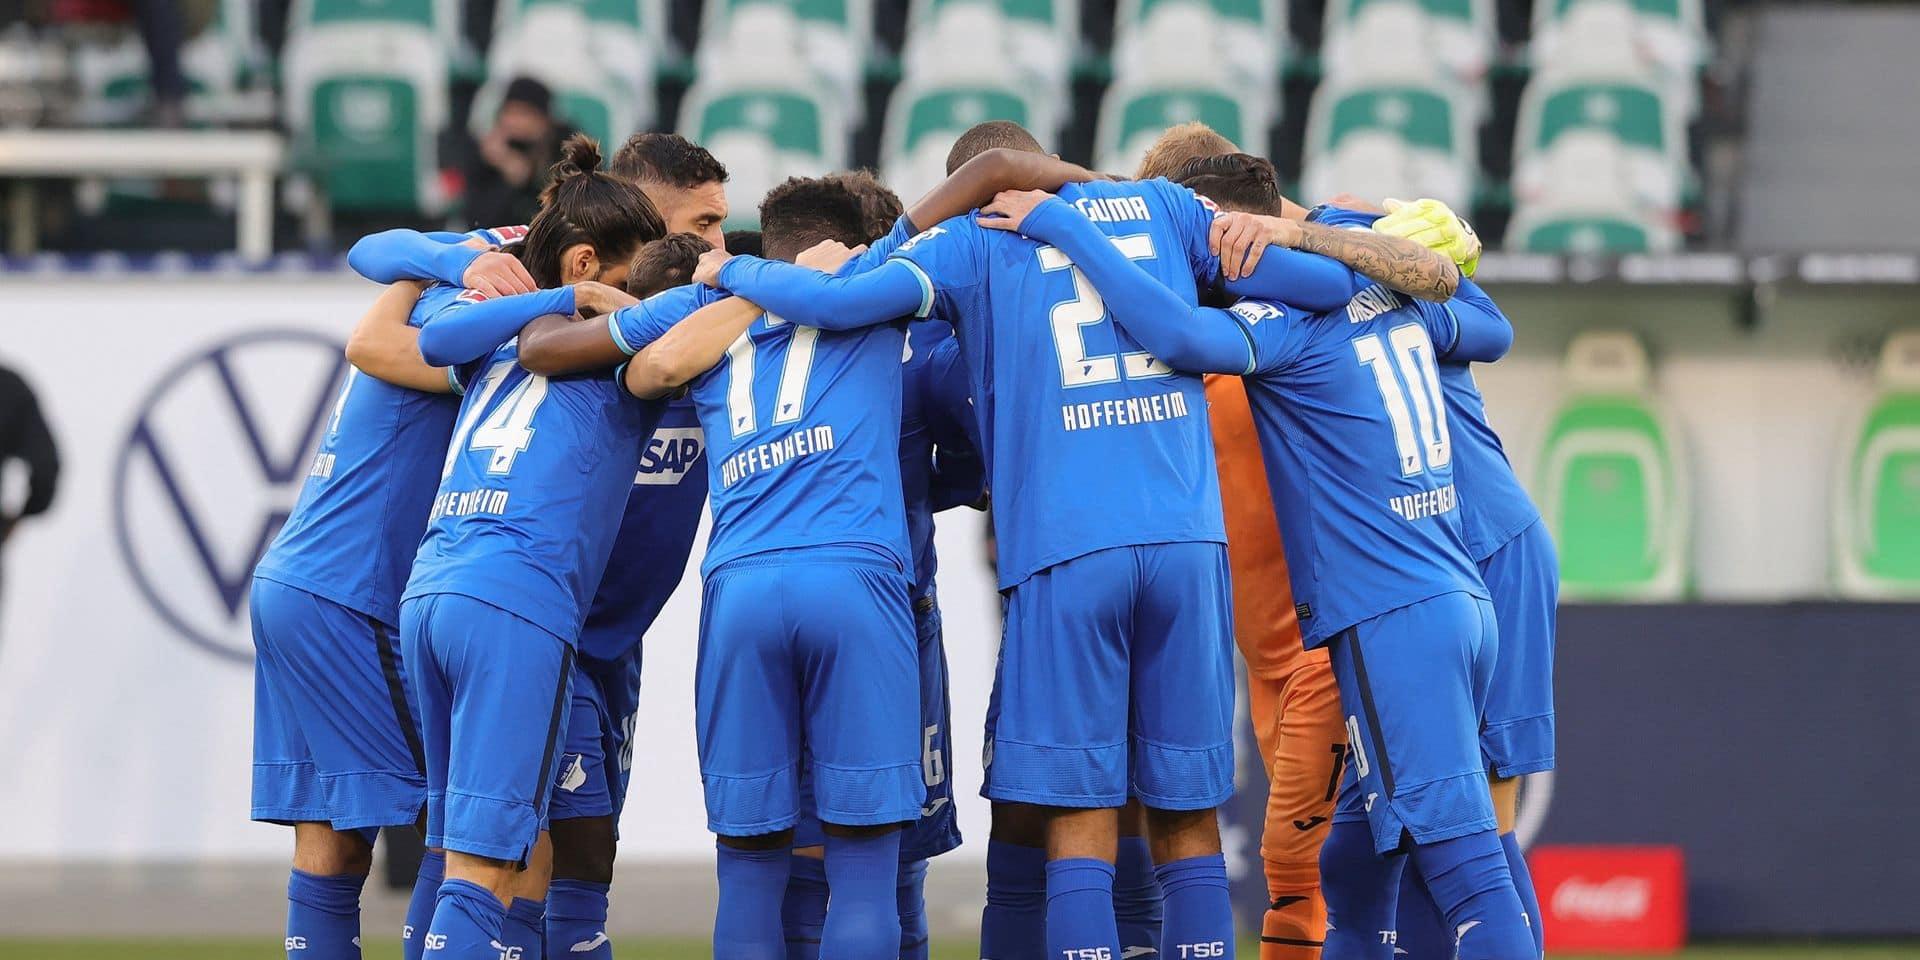 Le TSG Hoffenheim, première équipe de Bundesliga entièrement placée en quarantaine